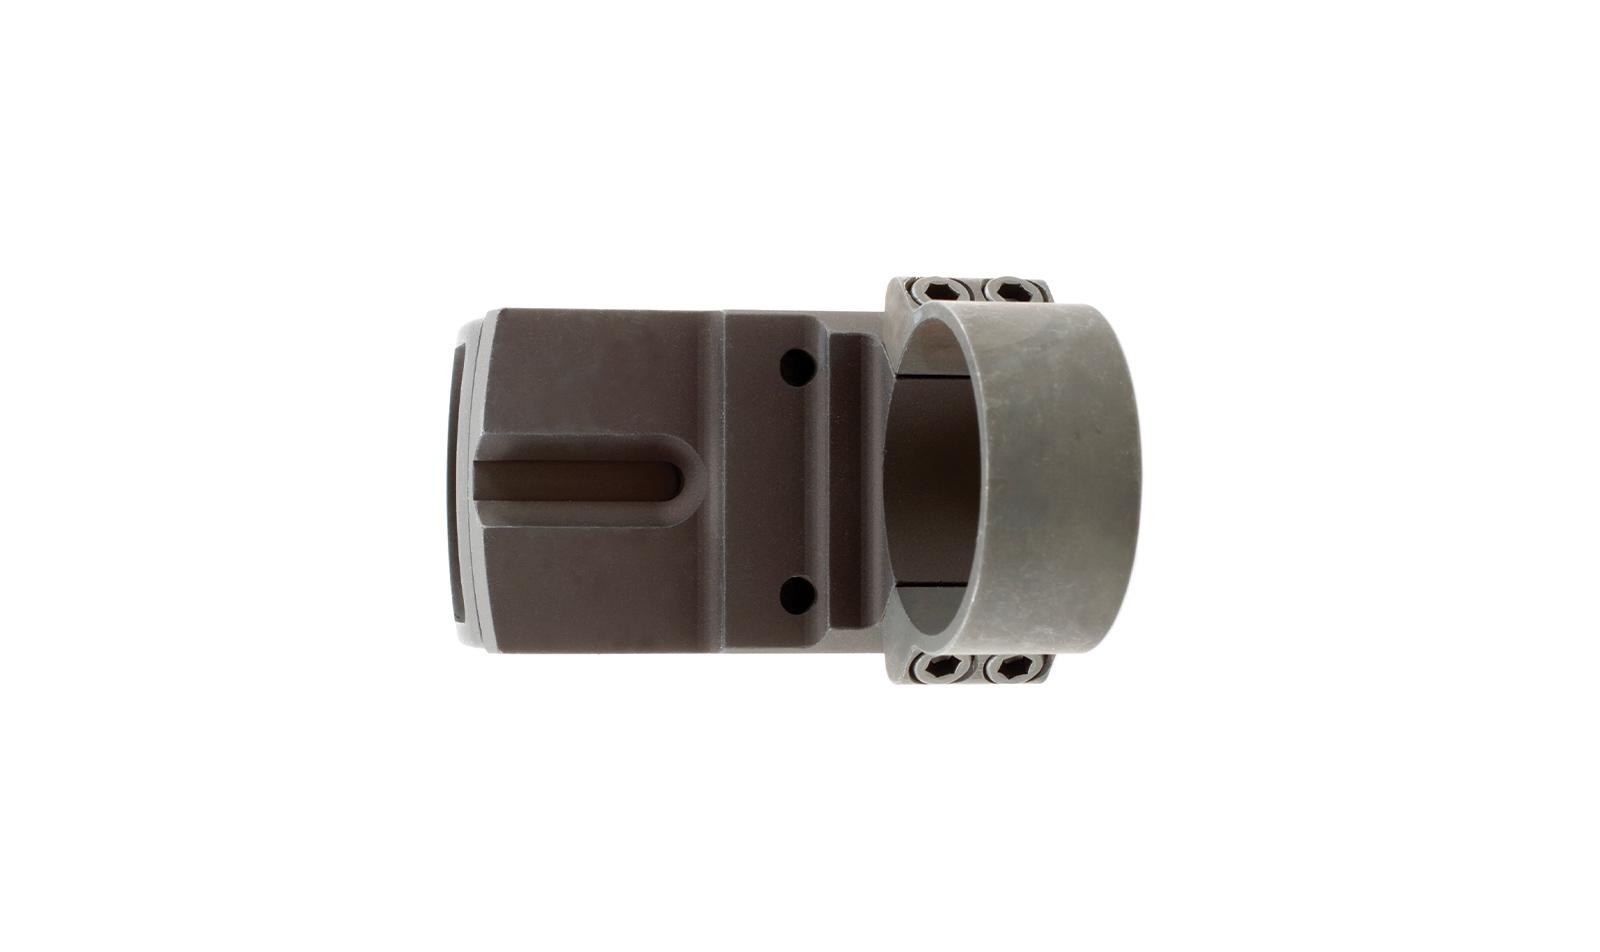 RM02-C-700612 angle 5